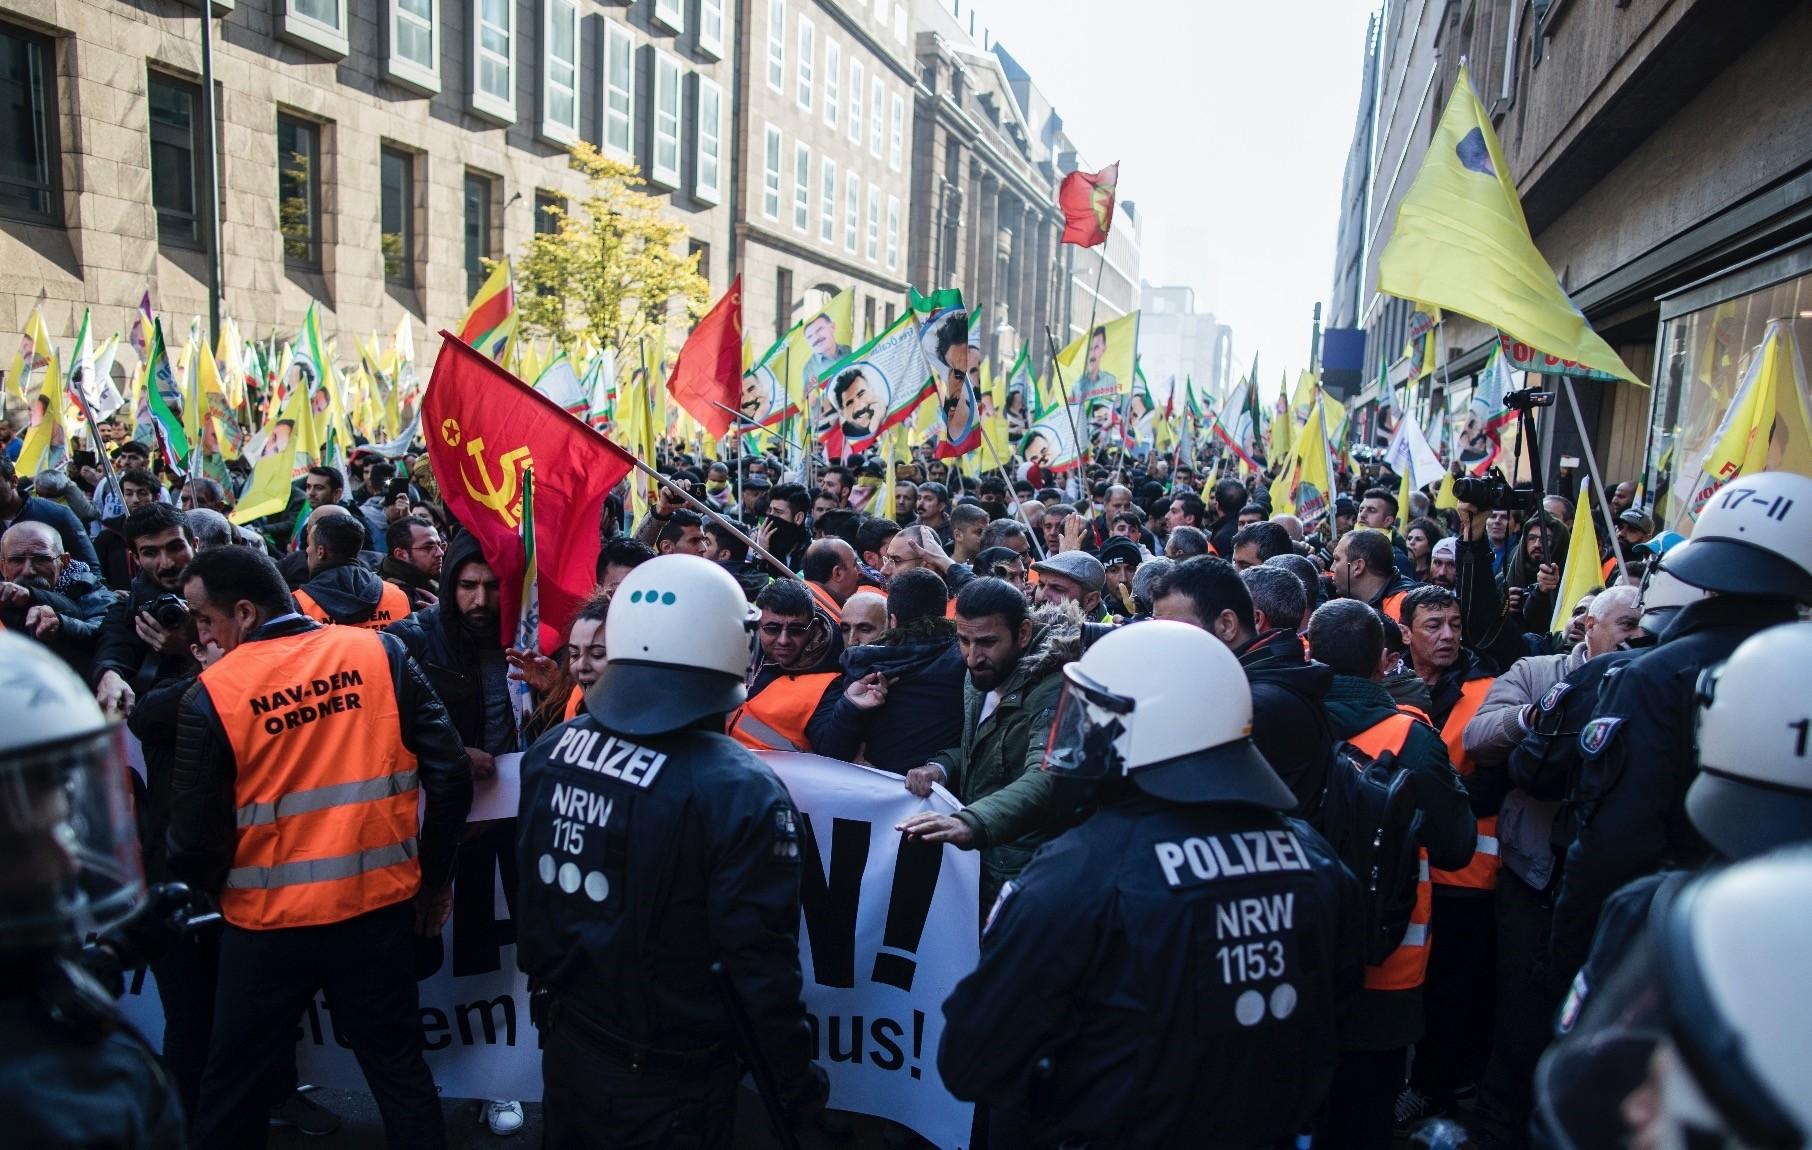 PKK sympathizers hold banners demanding the release of imprisoned PKK leader Abdullah u00d6calan during a protest, Du00fcsseldorf, Germany, Nov. 4.